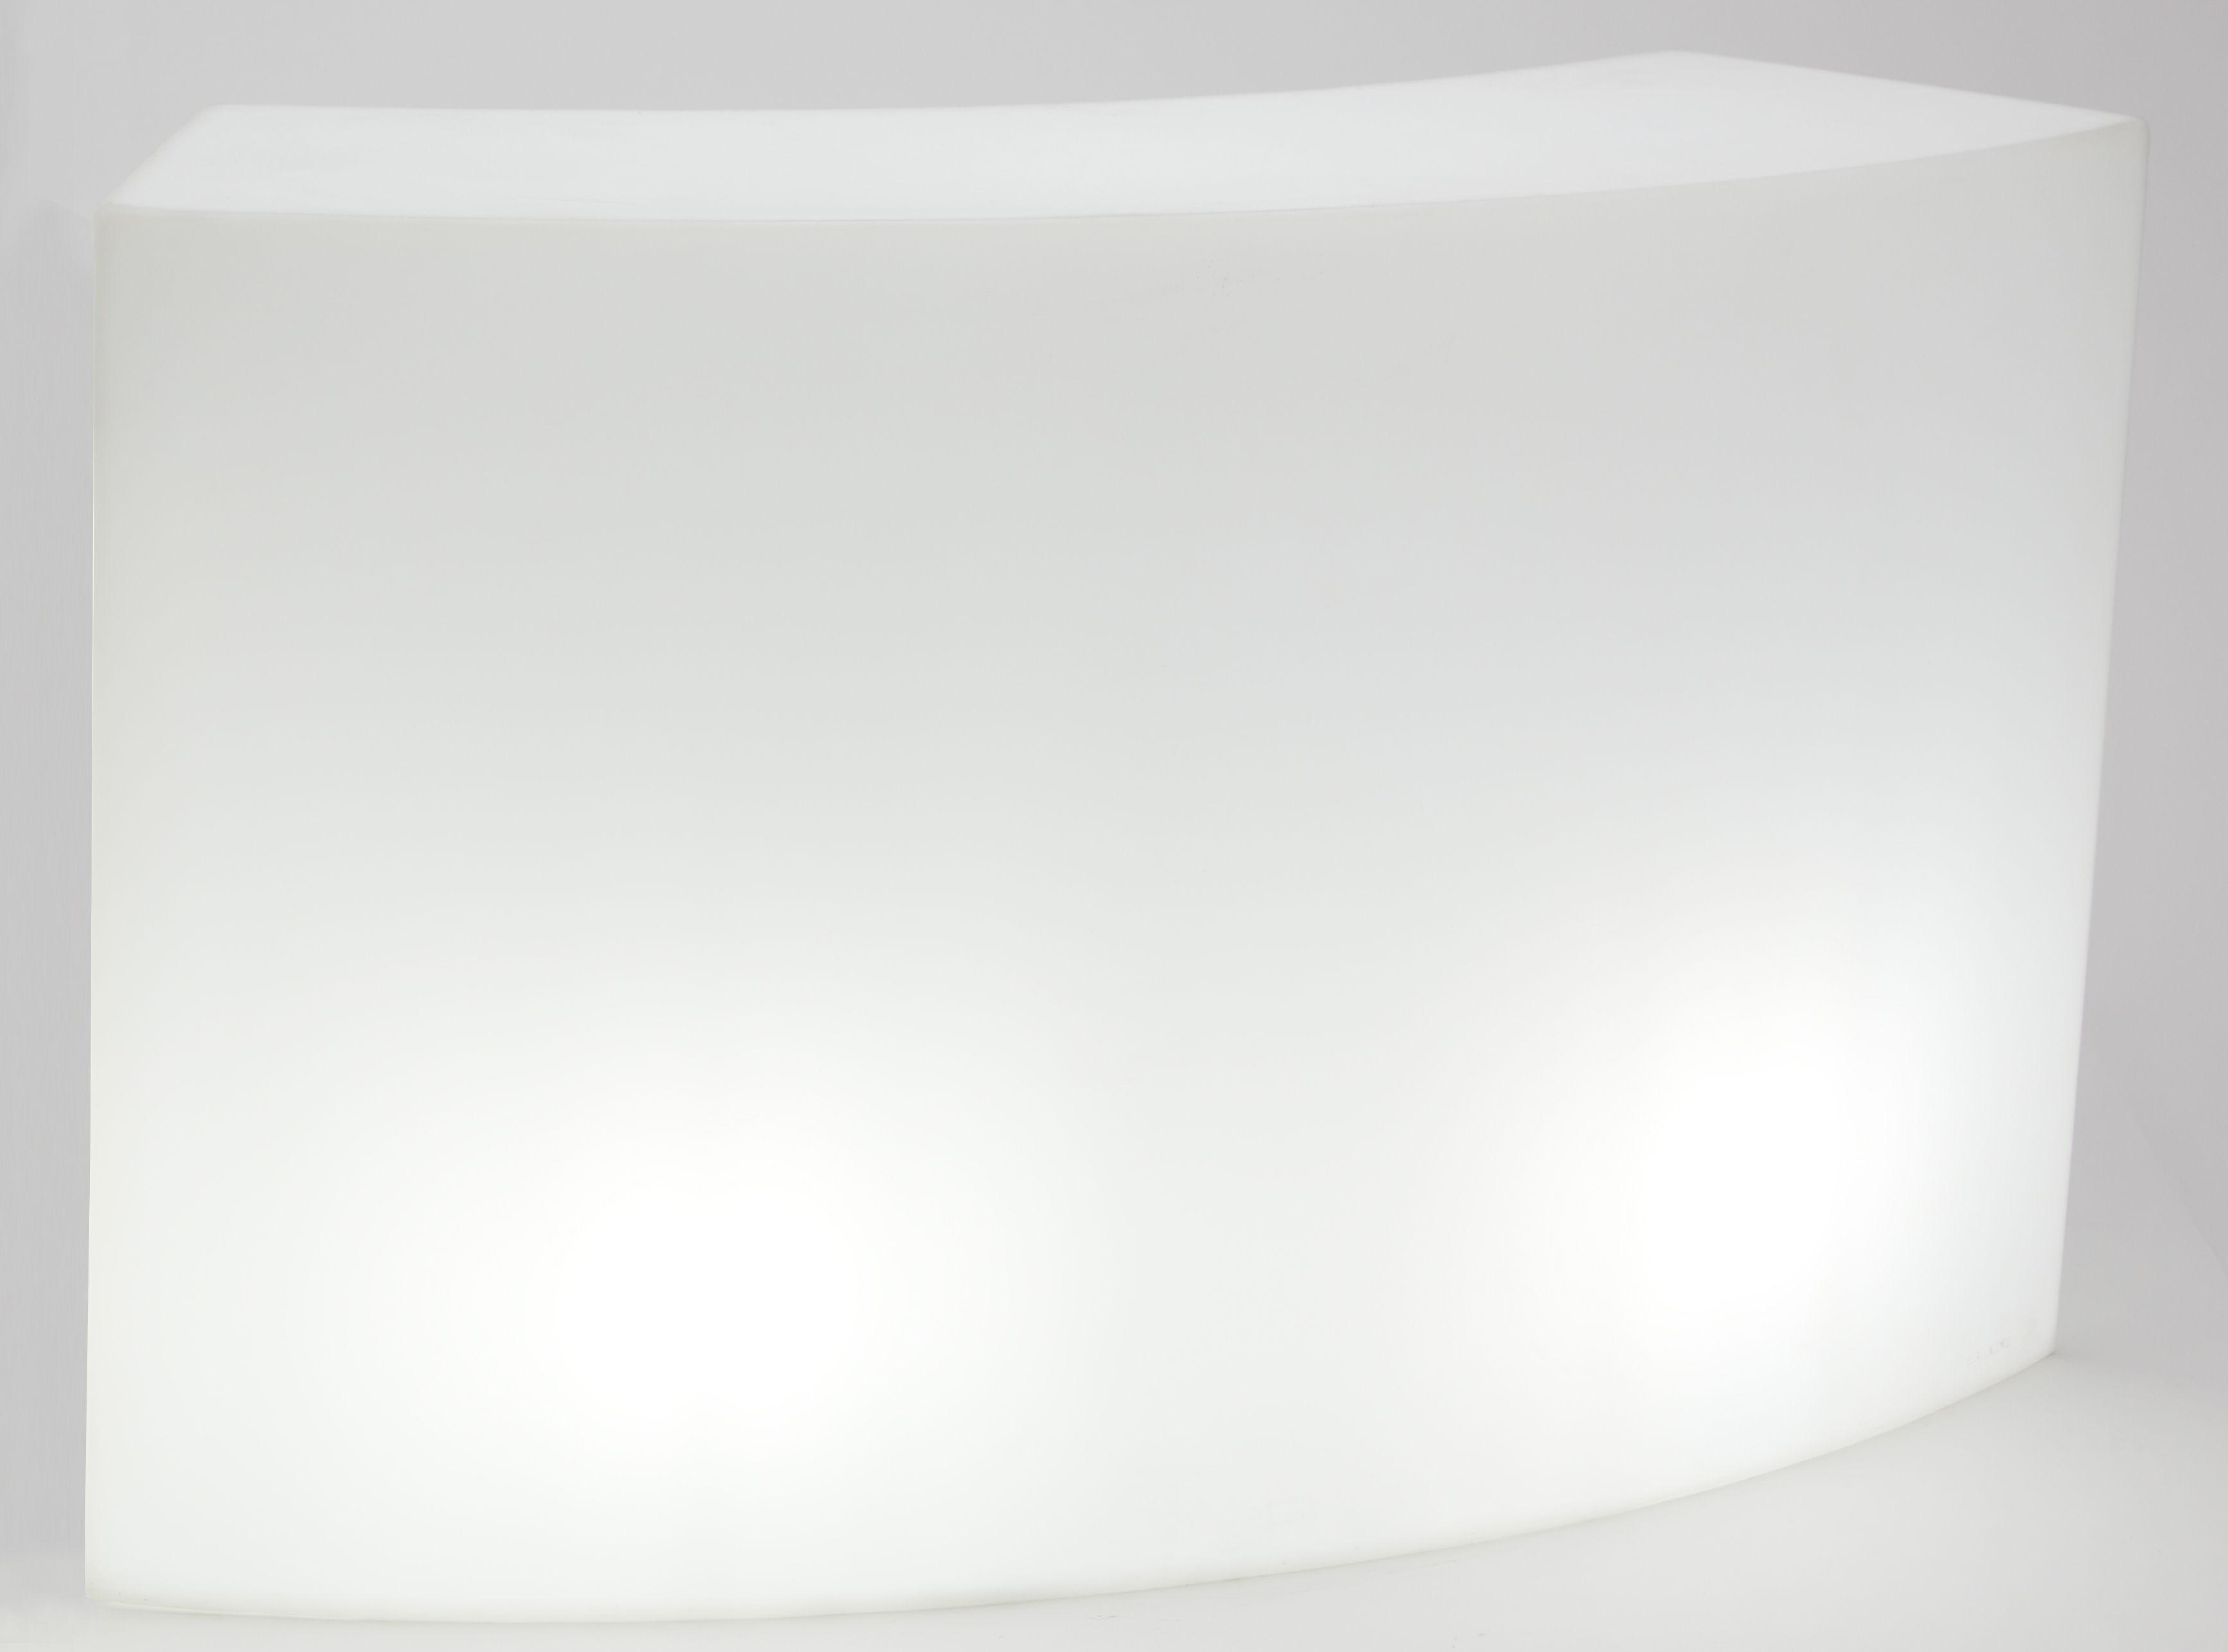 Mobilier - Mange-debout et bars - Bar lumineux Snack LED RGB / L 165 cm - Sans fil - Slide - Blanc - polyéthène recyclable